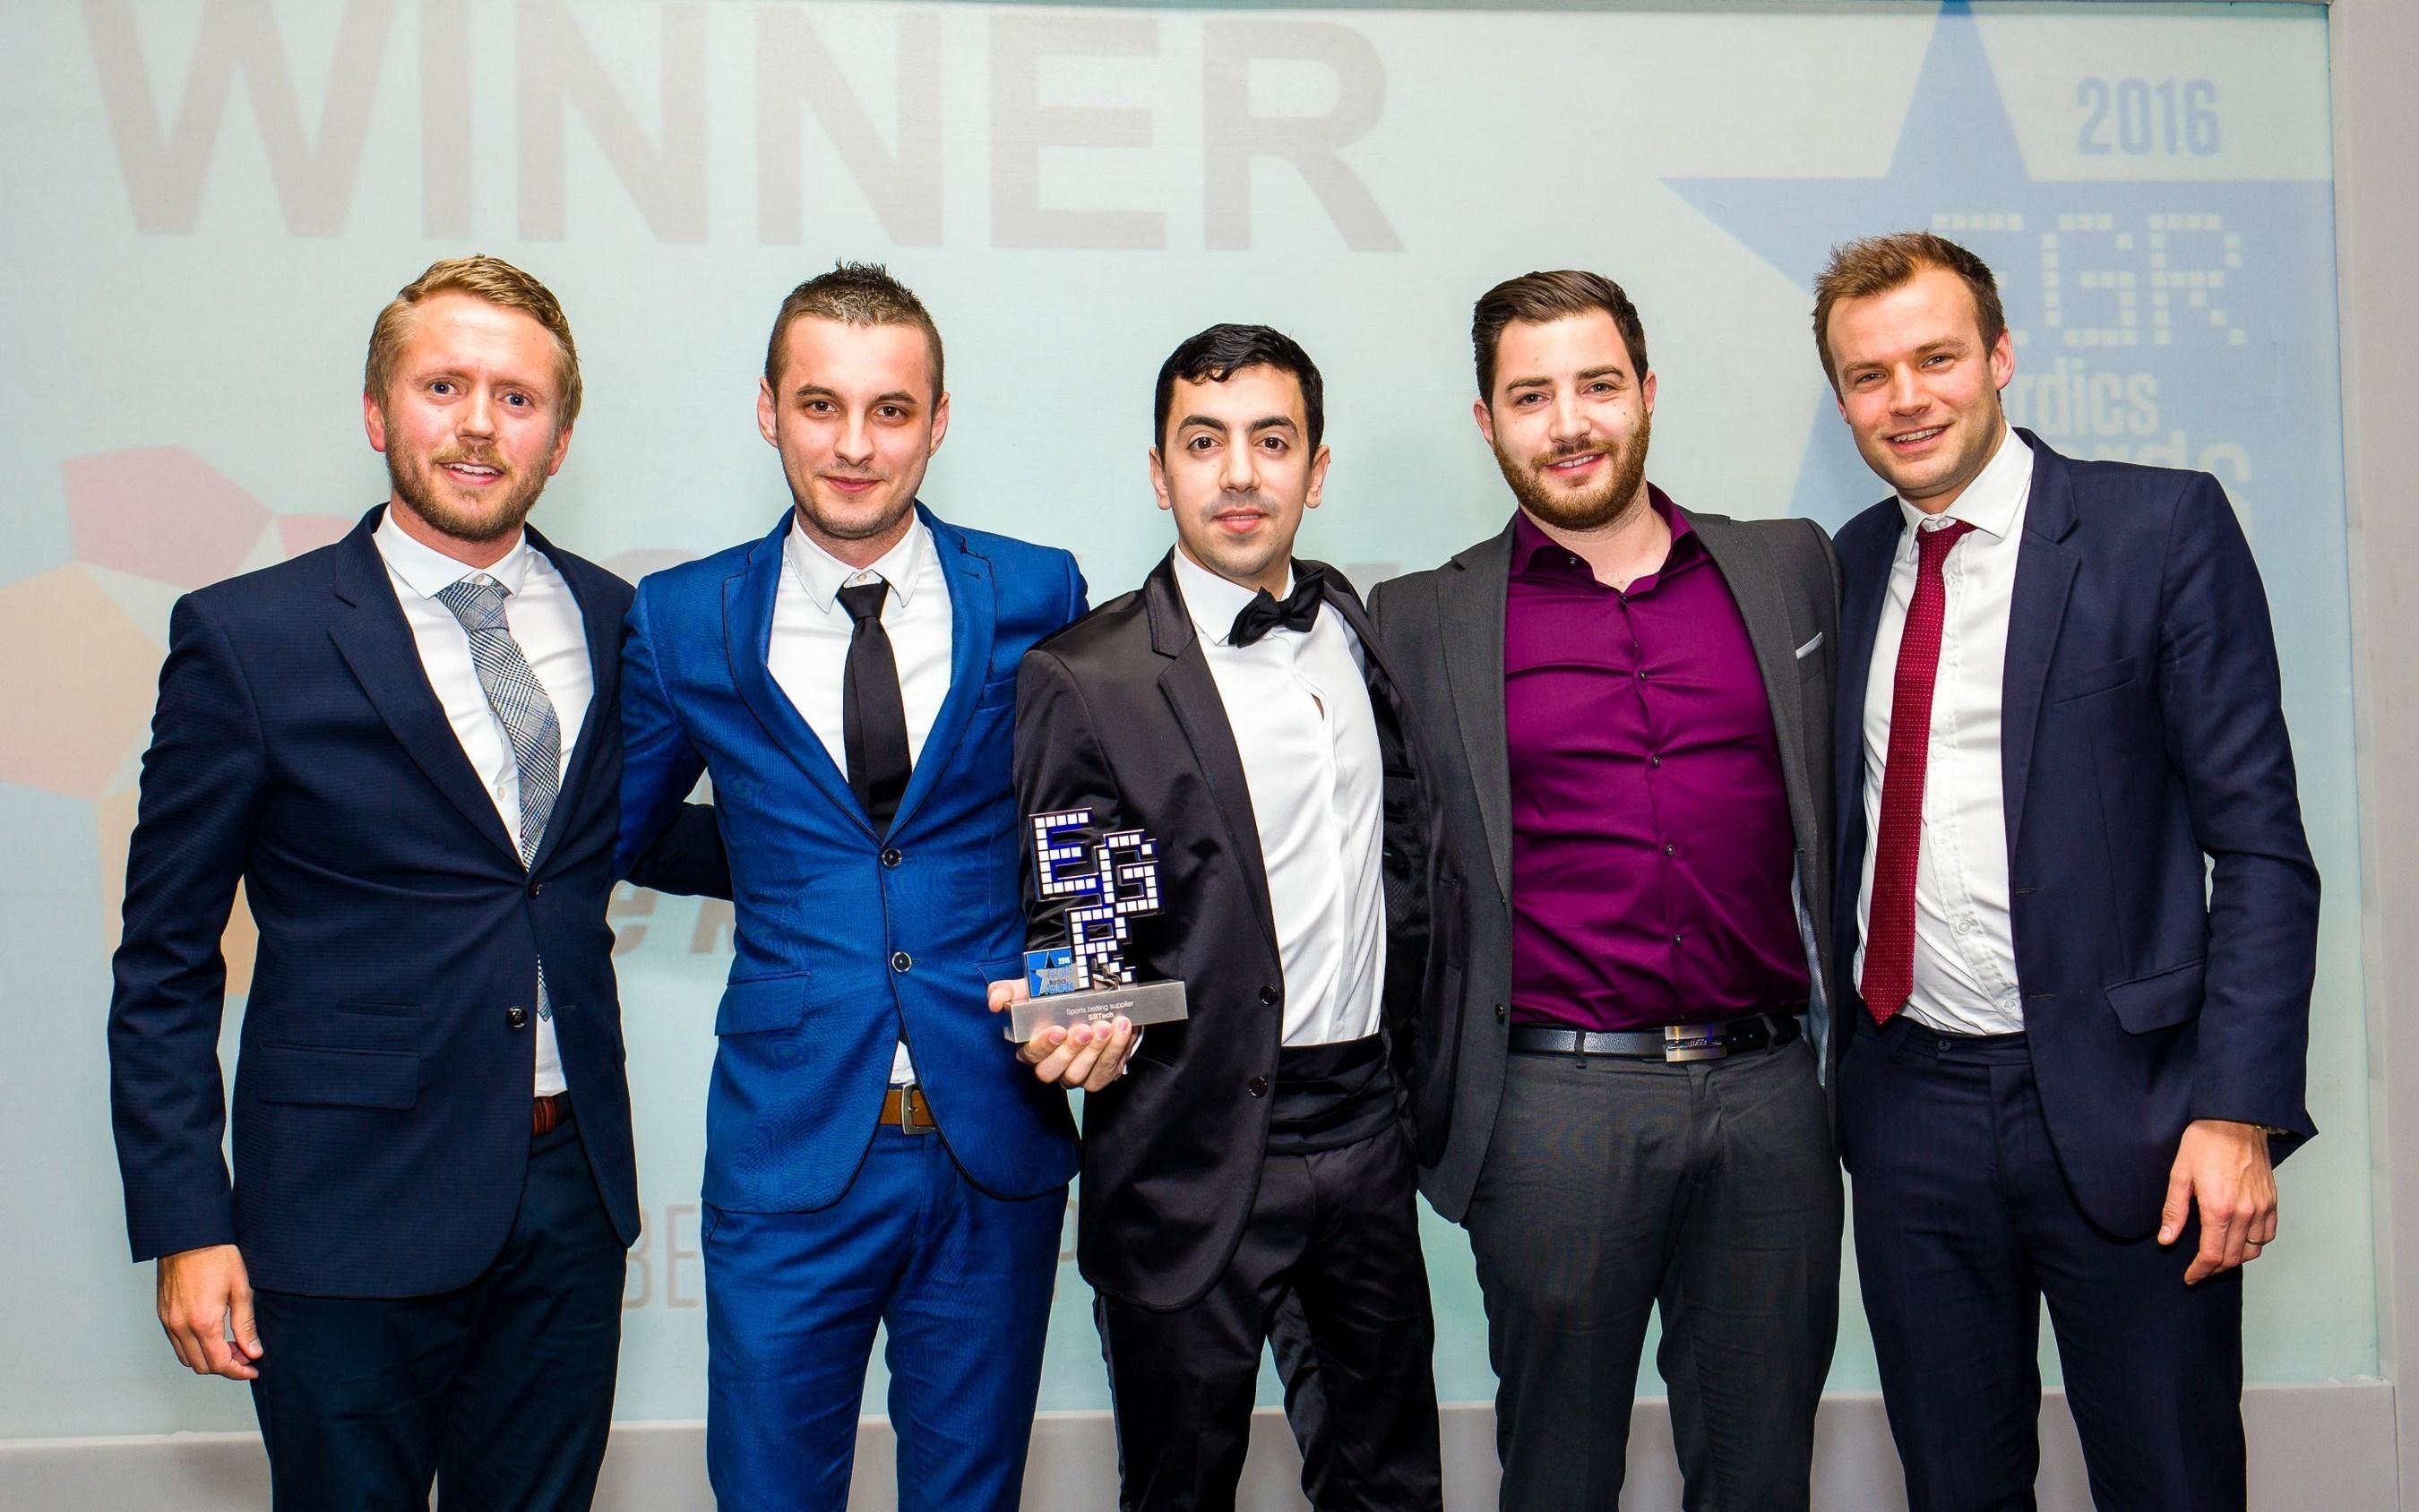 SBTEch eGR Nordics Award Winners for Best Sports Betting Platform (PRNewsFoto/SBTech) (PRNewsFoto/SBTech)